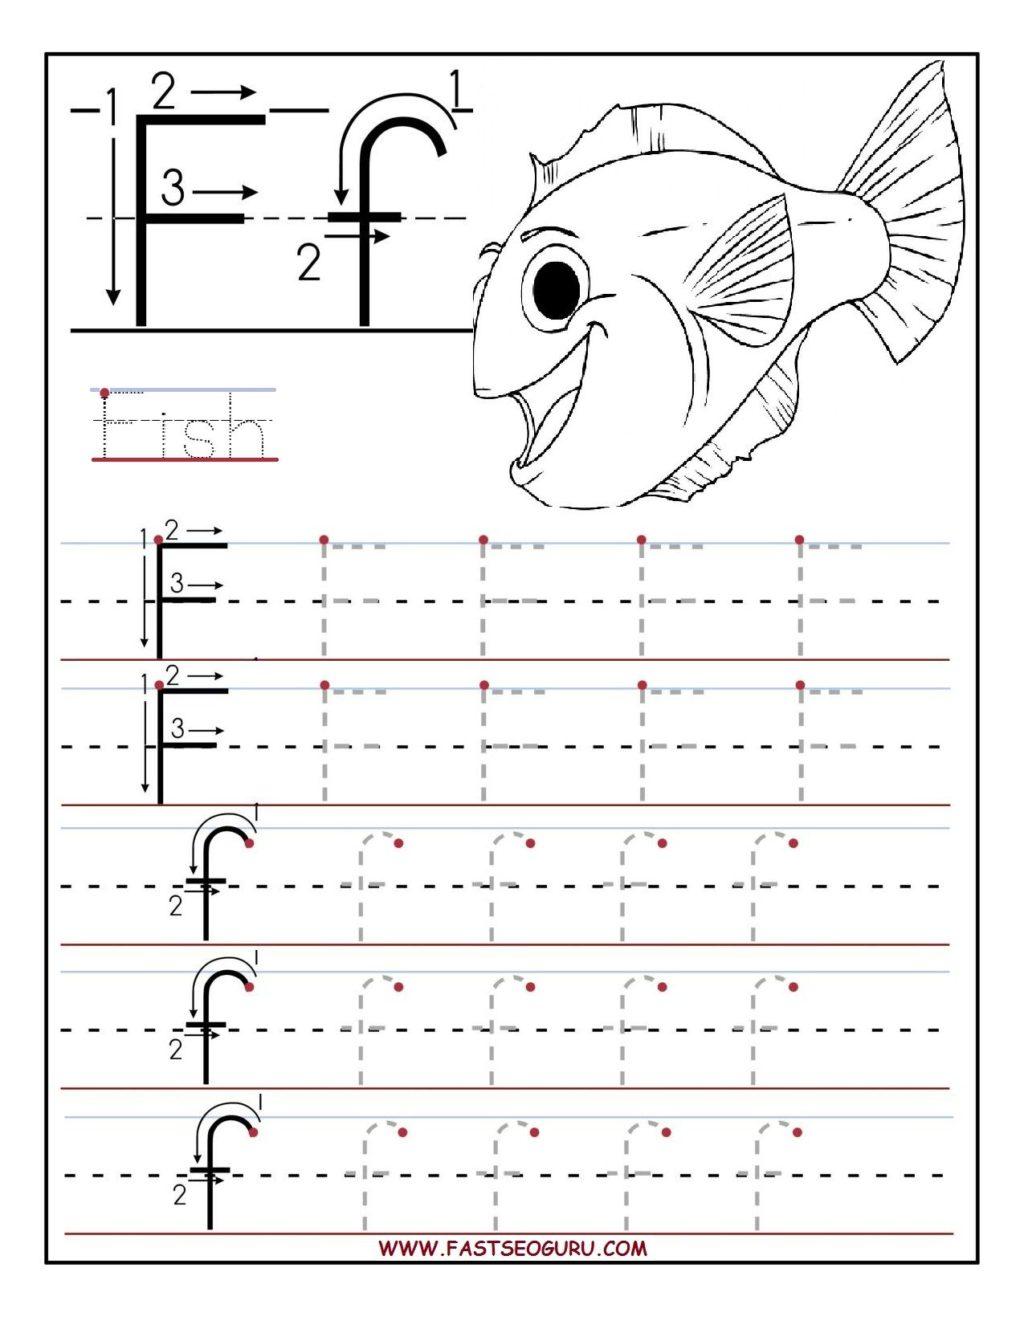 Worksheet ~ Printable Letter Tracing Worksheets For